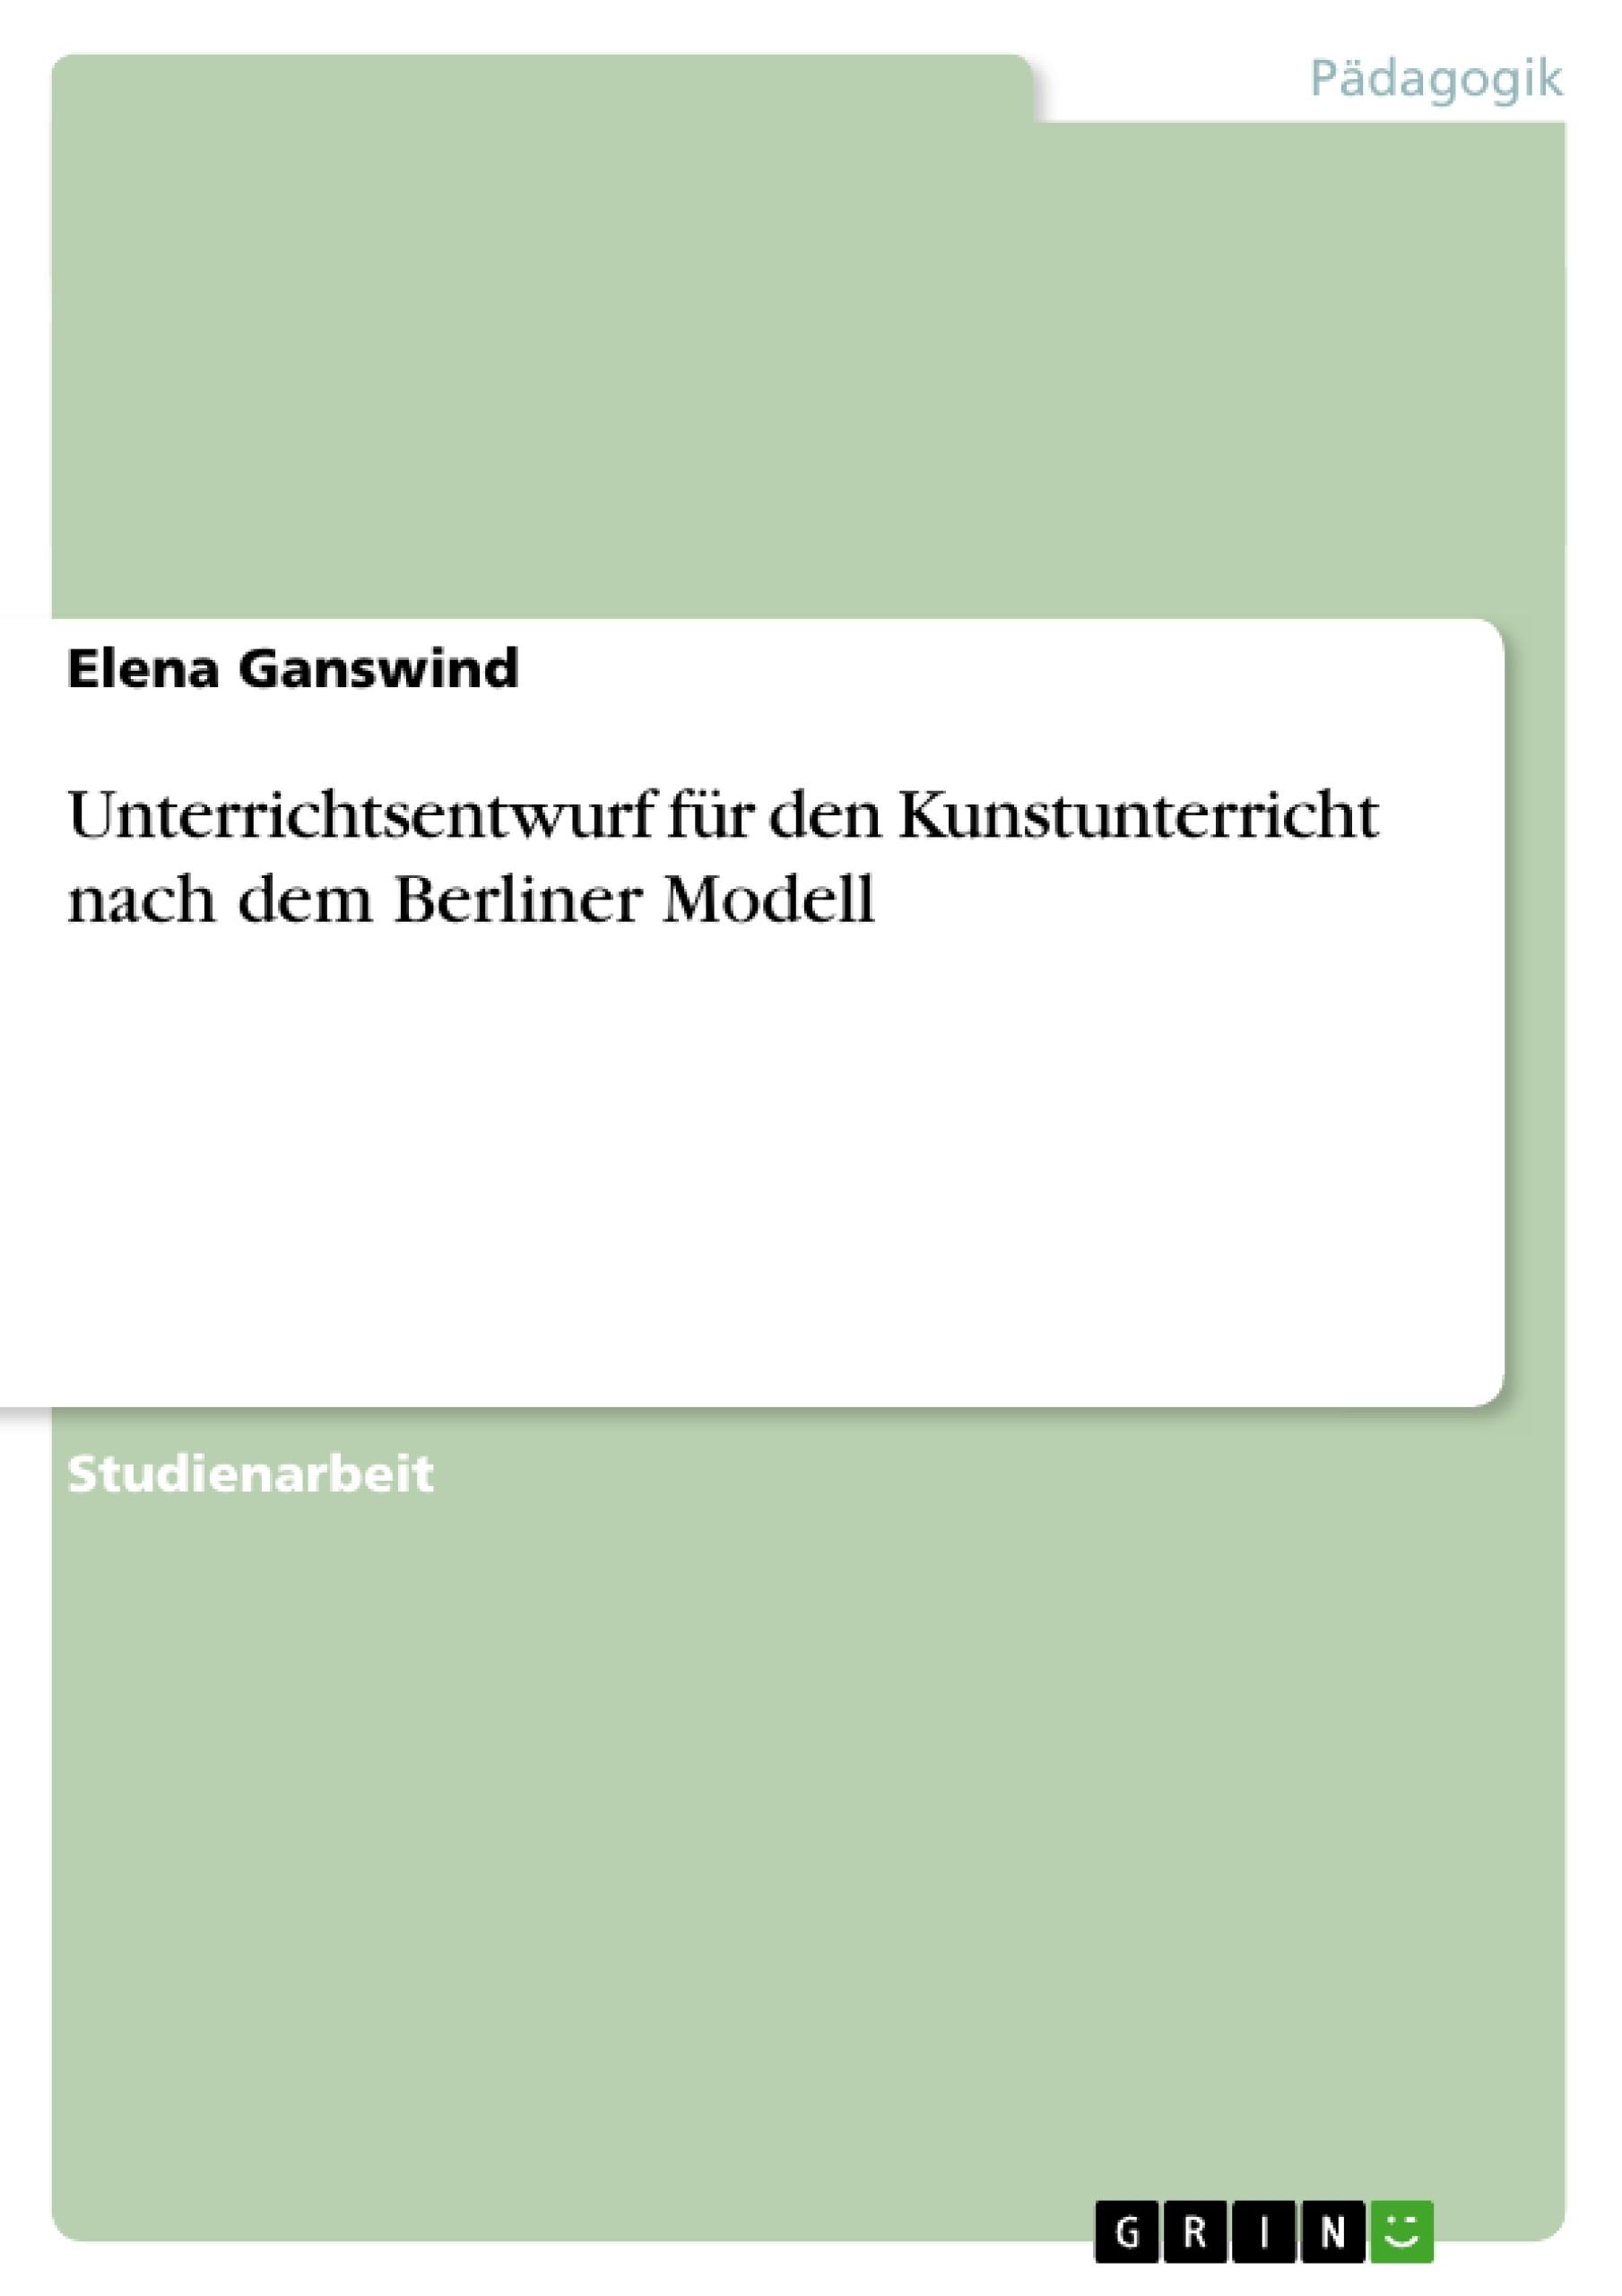 Titel: Unterrichtsentwurf für den Kunstunterricht nach dem Berliner Modell